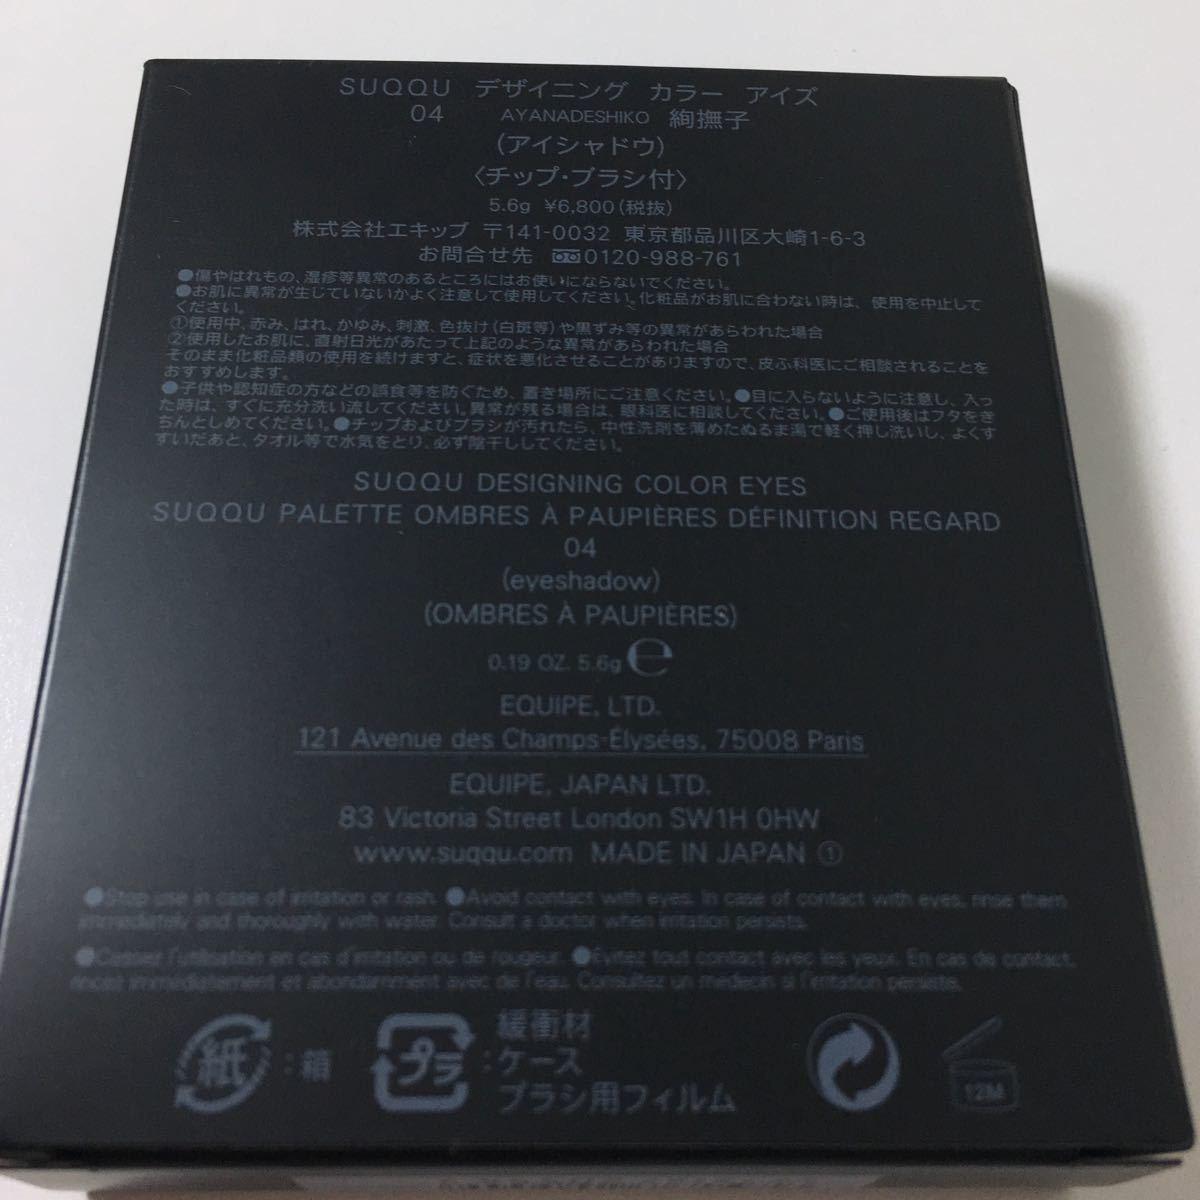 新品未使用 スック SUQQU デザイニングカラーアイズ 絢撫子 04